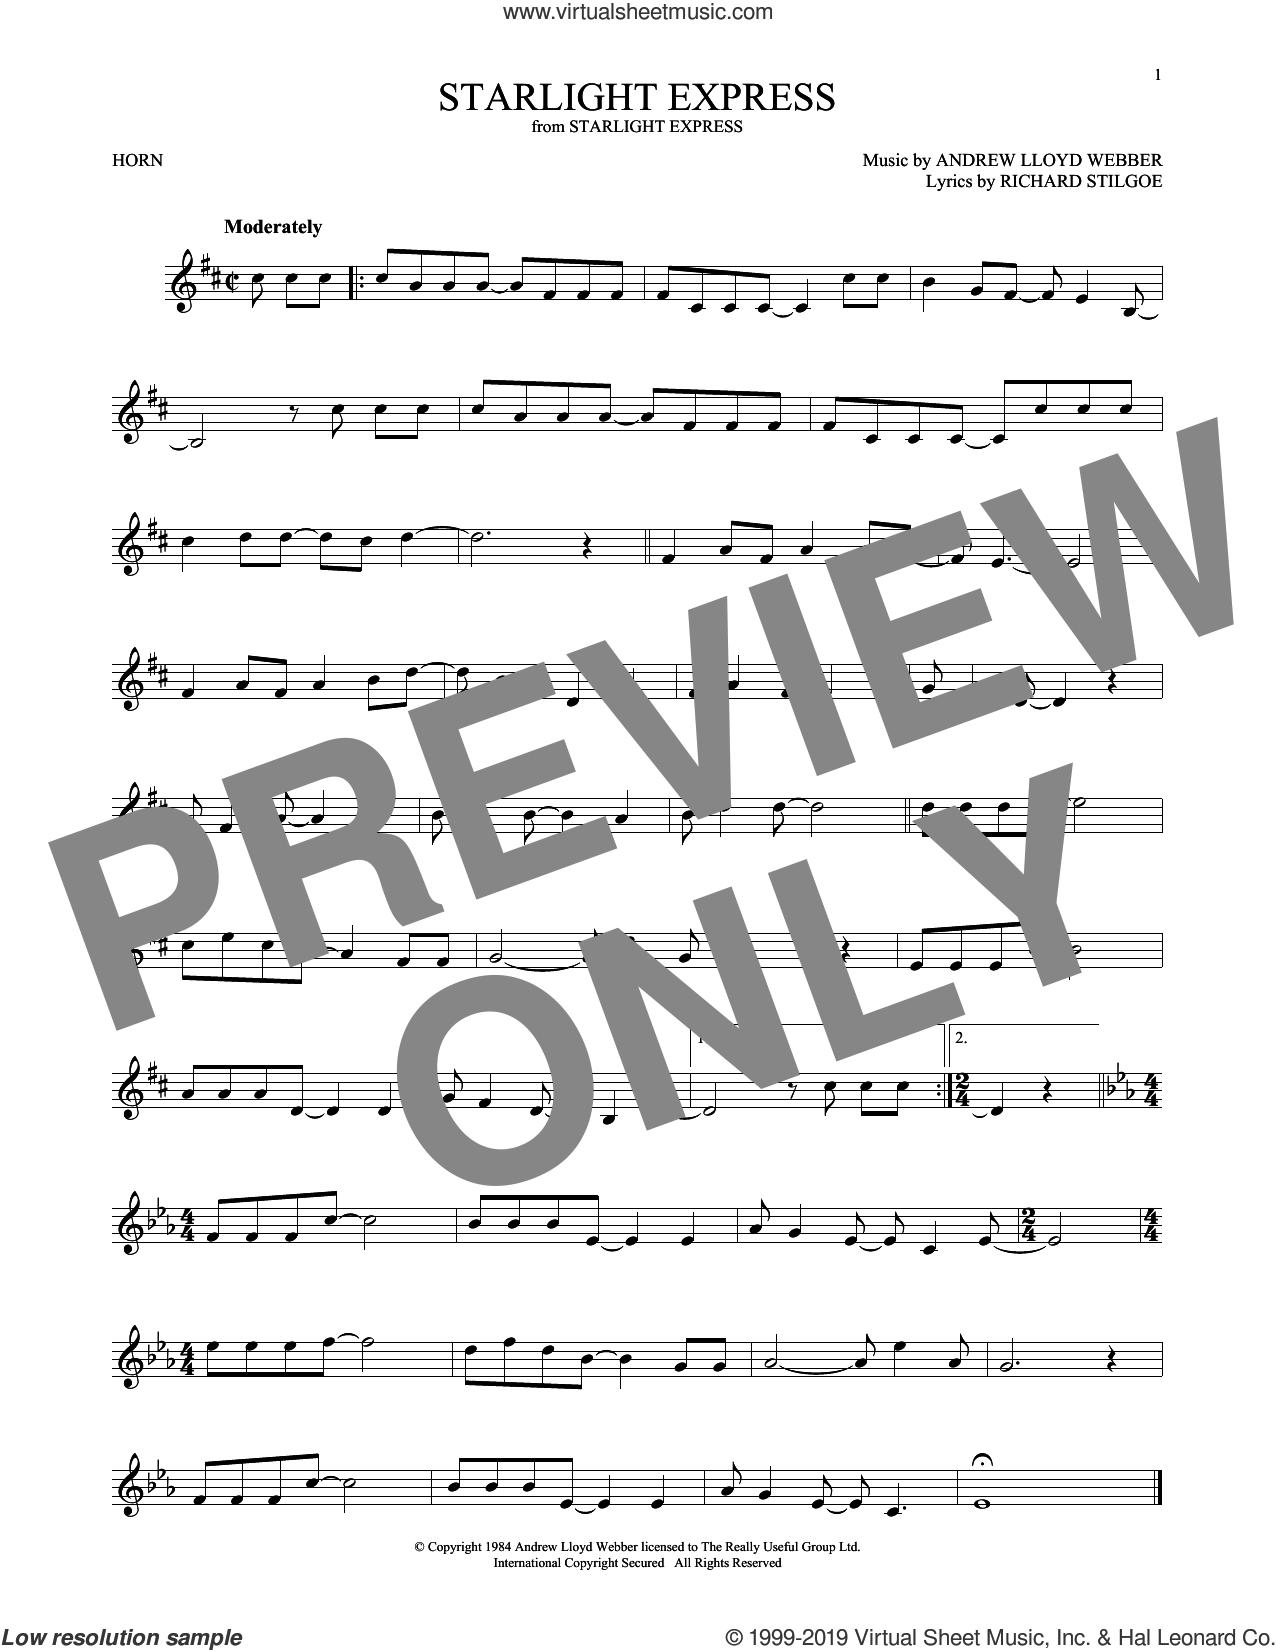 Starlight Express sheet music for horn solo by Andrew Lloyd Webber and Richard Stilgoe, intermediate skill level